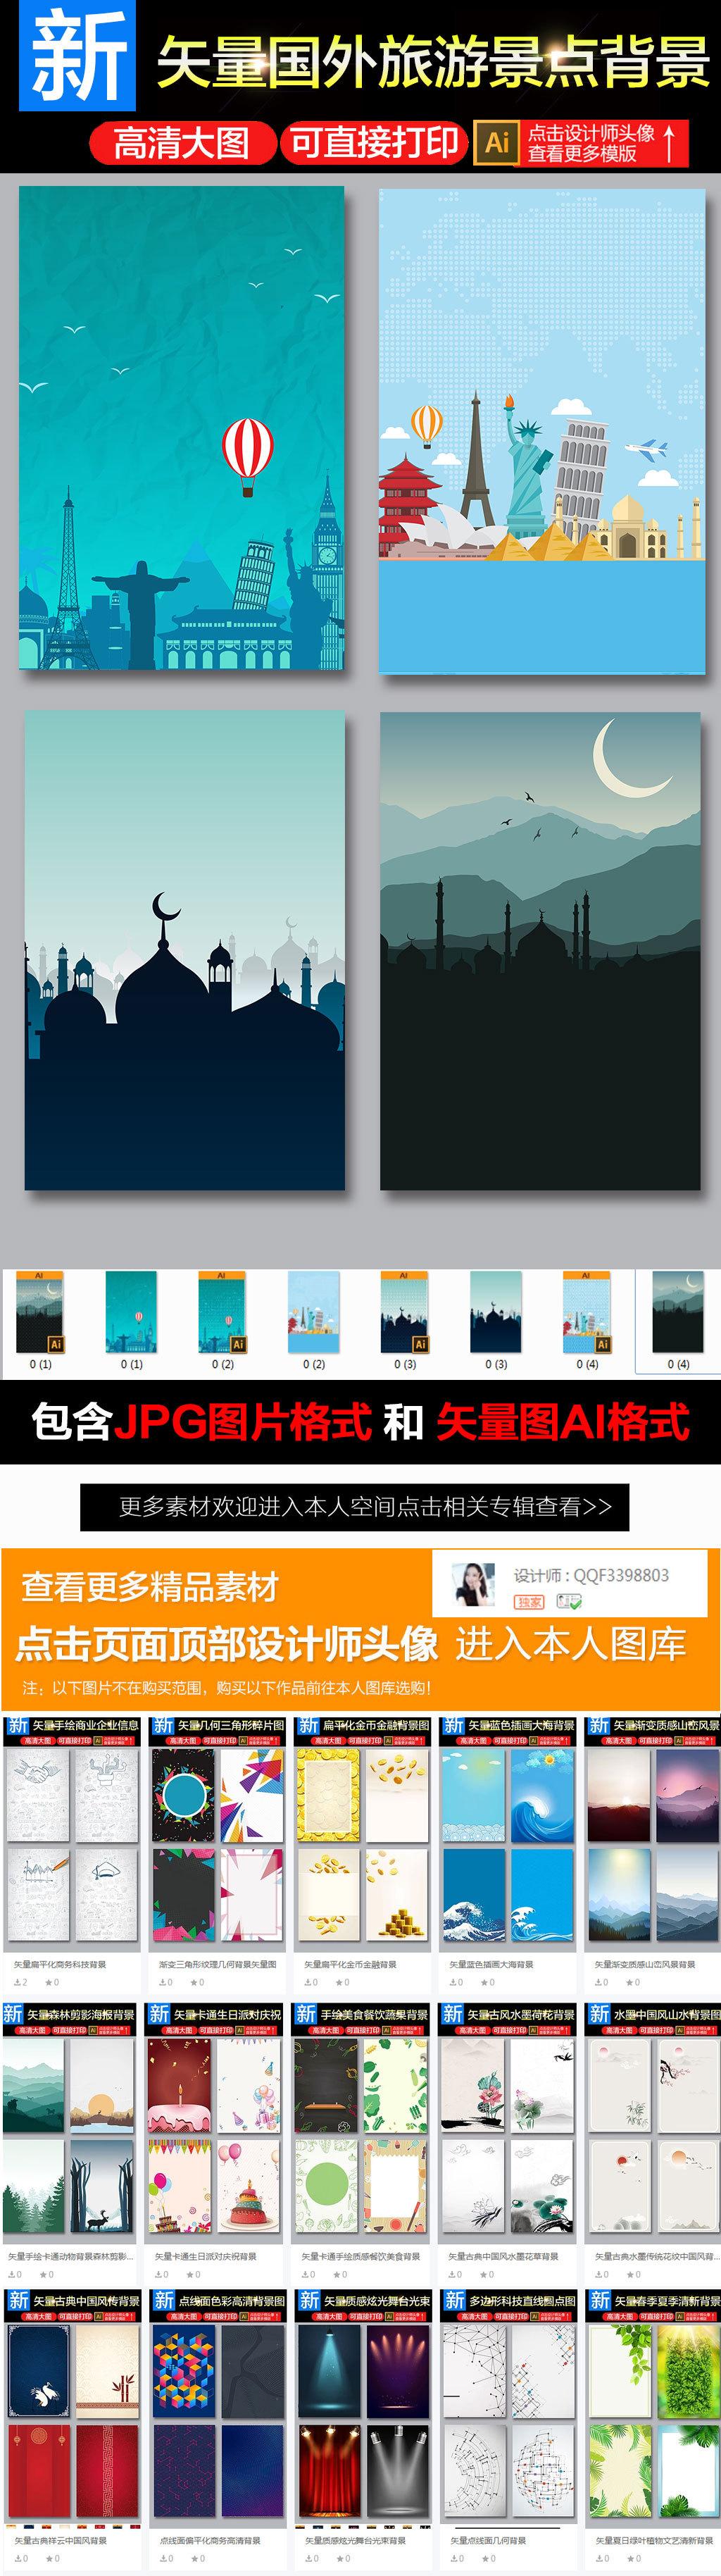 矢量卡通国外旅游展板背景设计